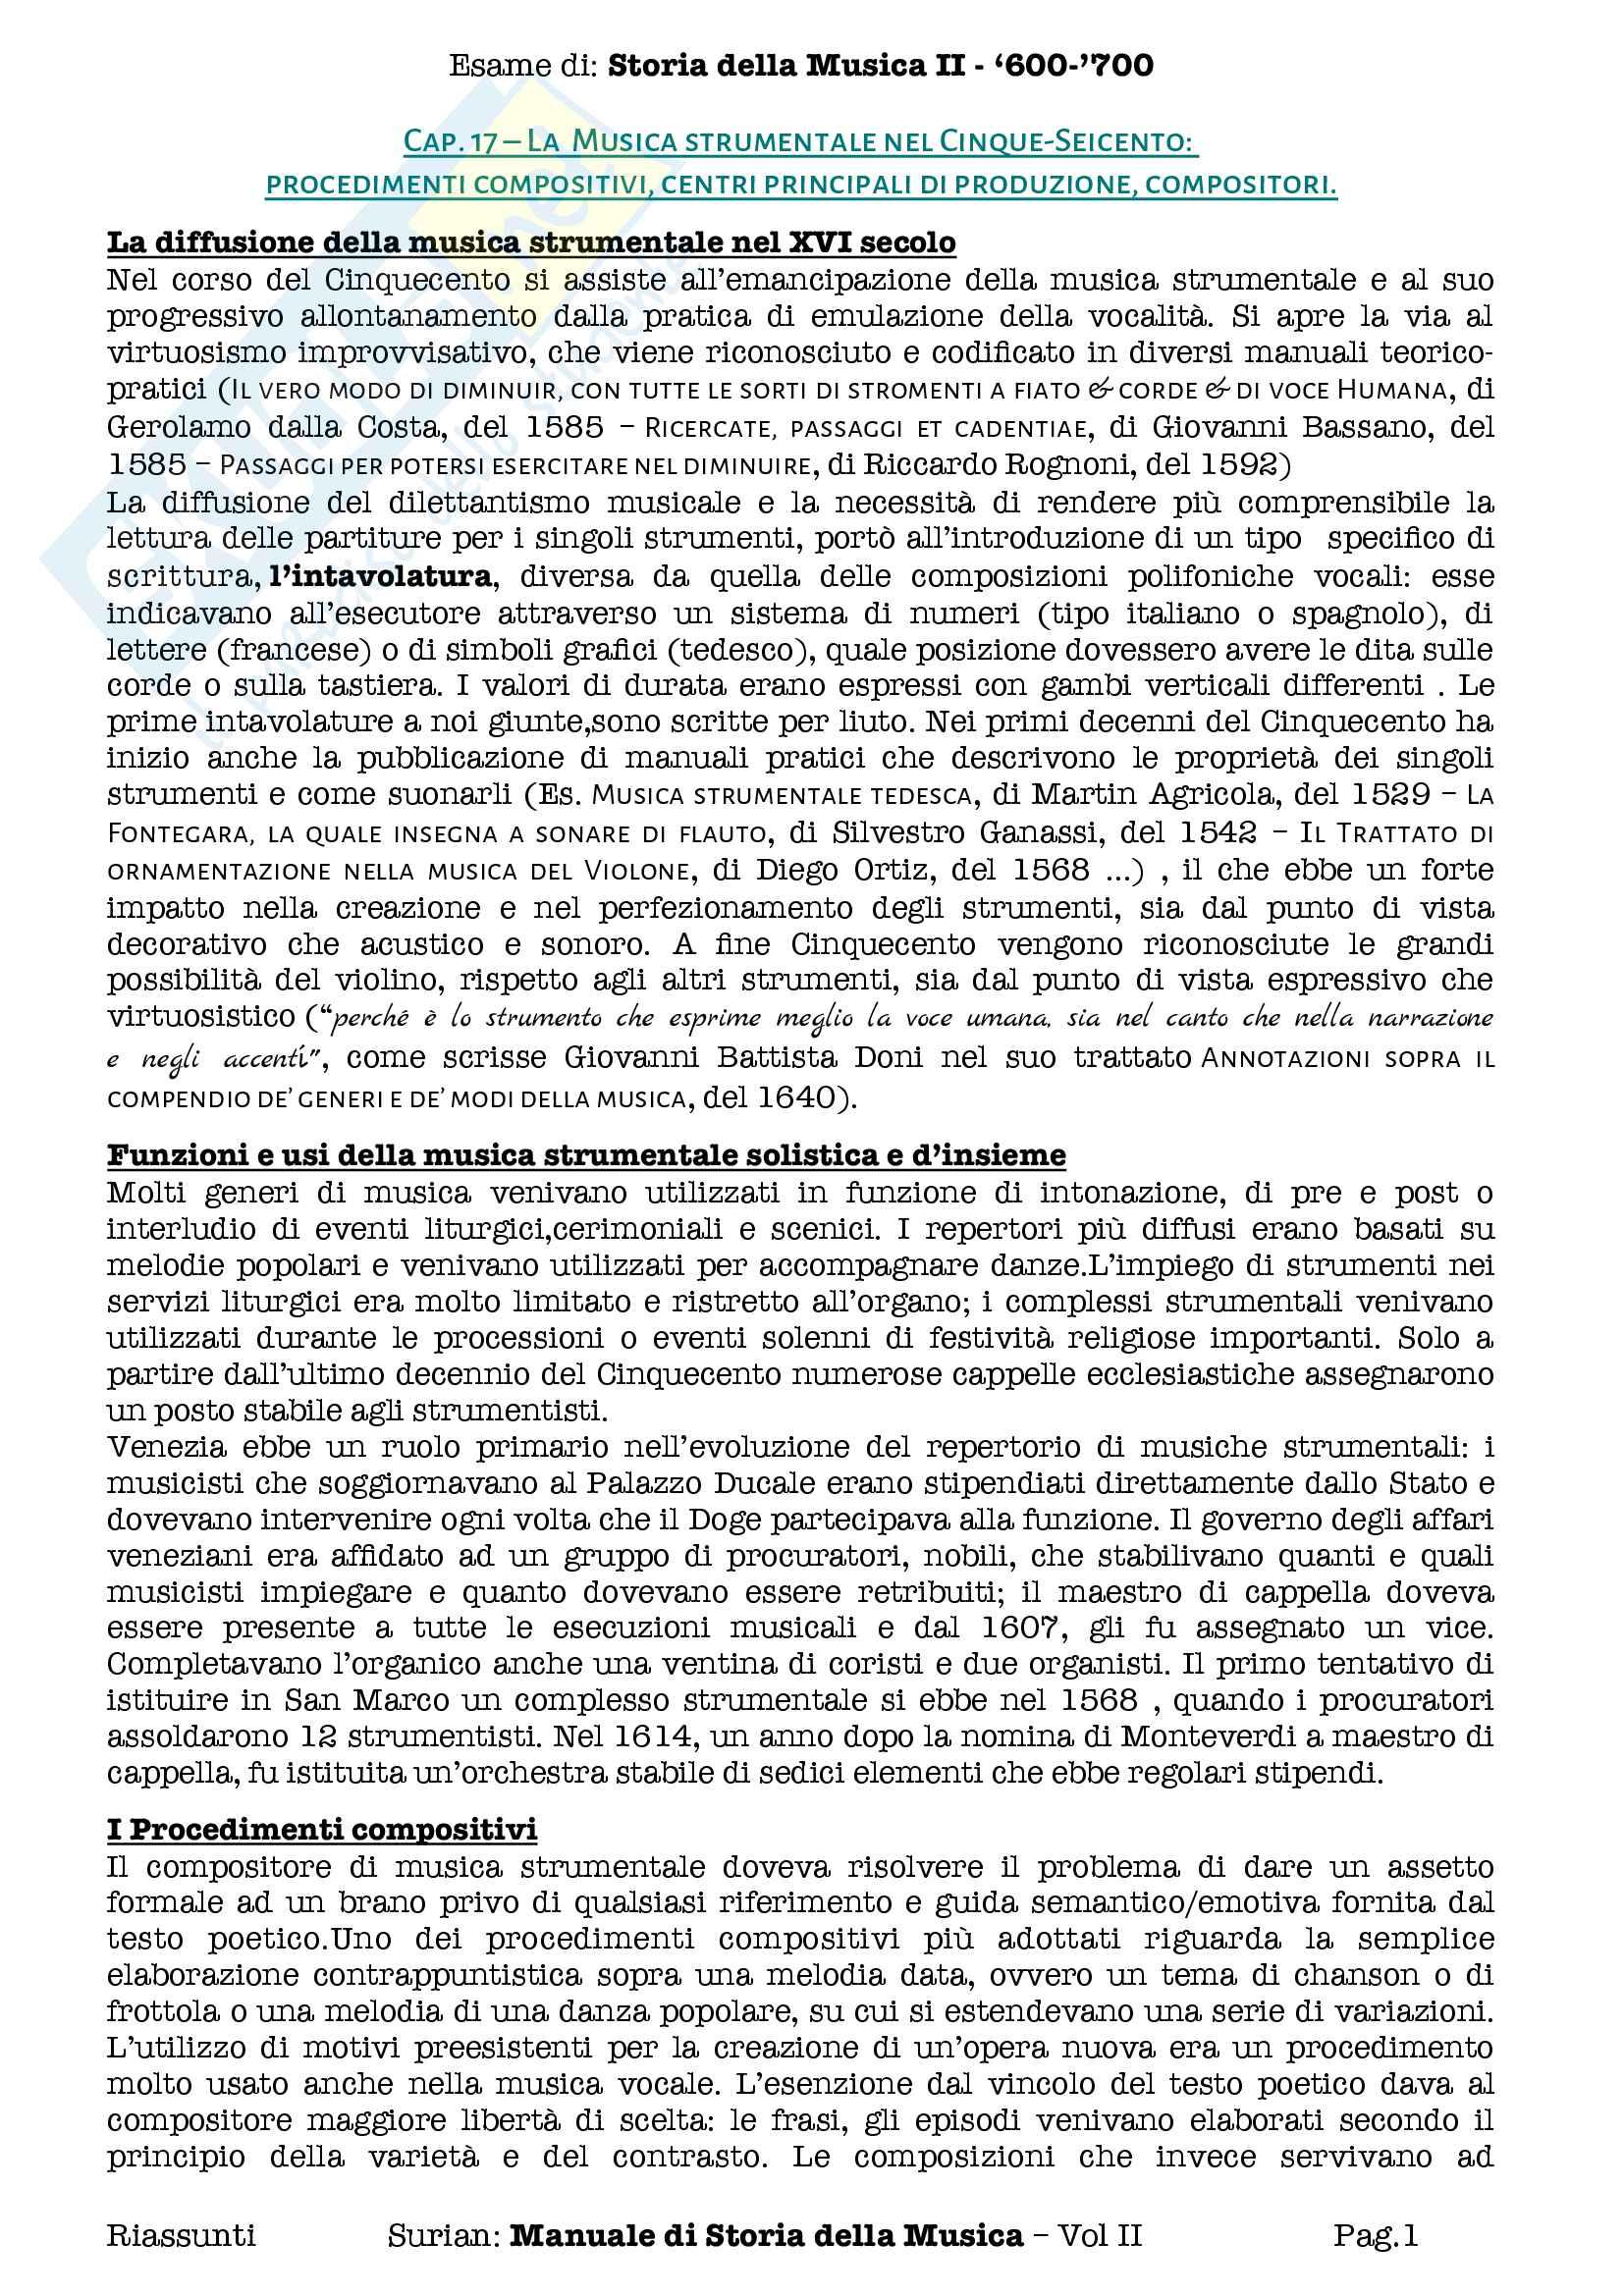 appunto E. Pasquini Storia della musica del 600-700